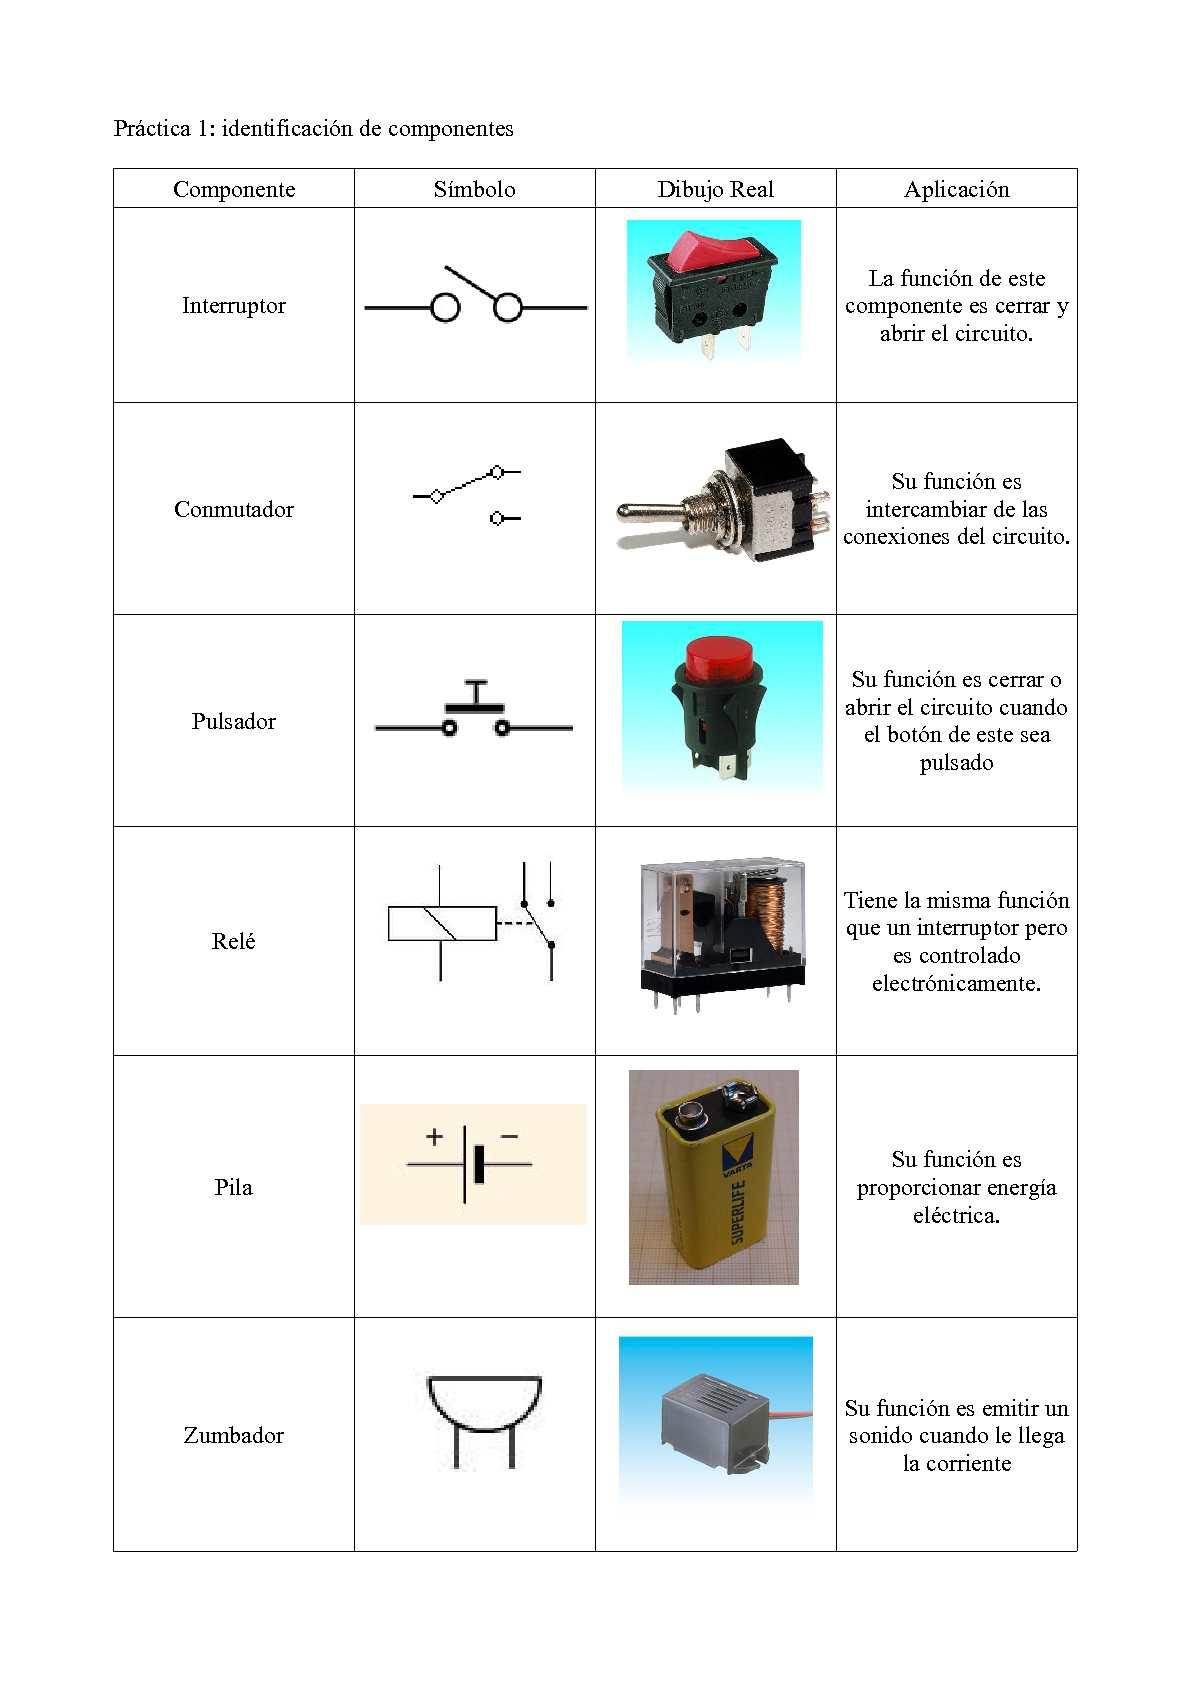 Calamo Memoria De Las Prcticas Electrnica Analgica V2 Circuito Sensor Luz Com Ldr Te1